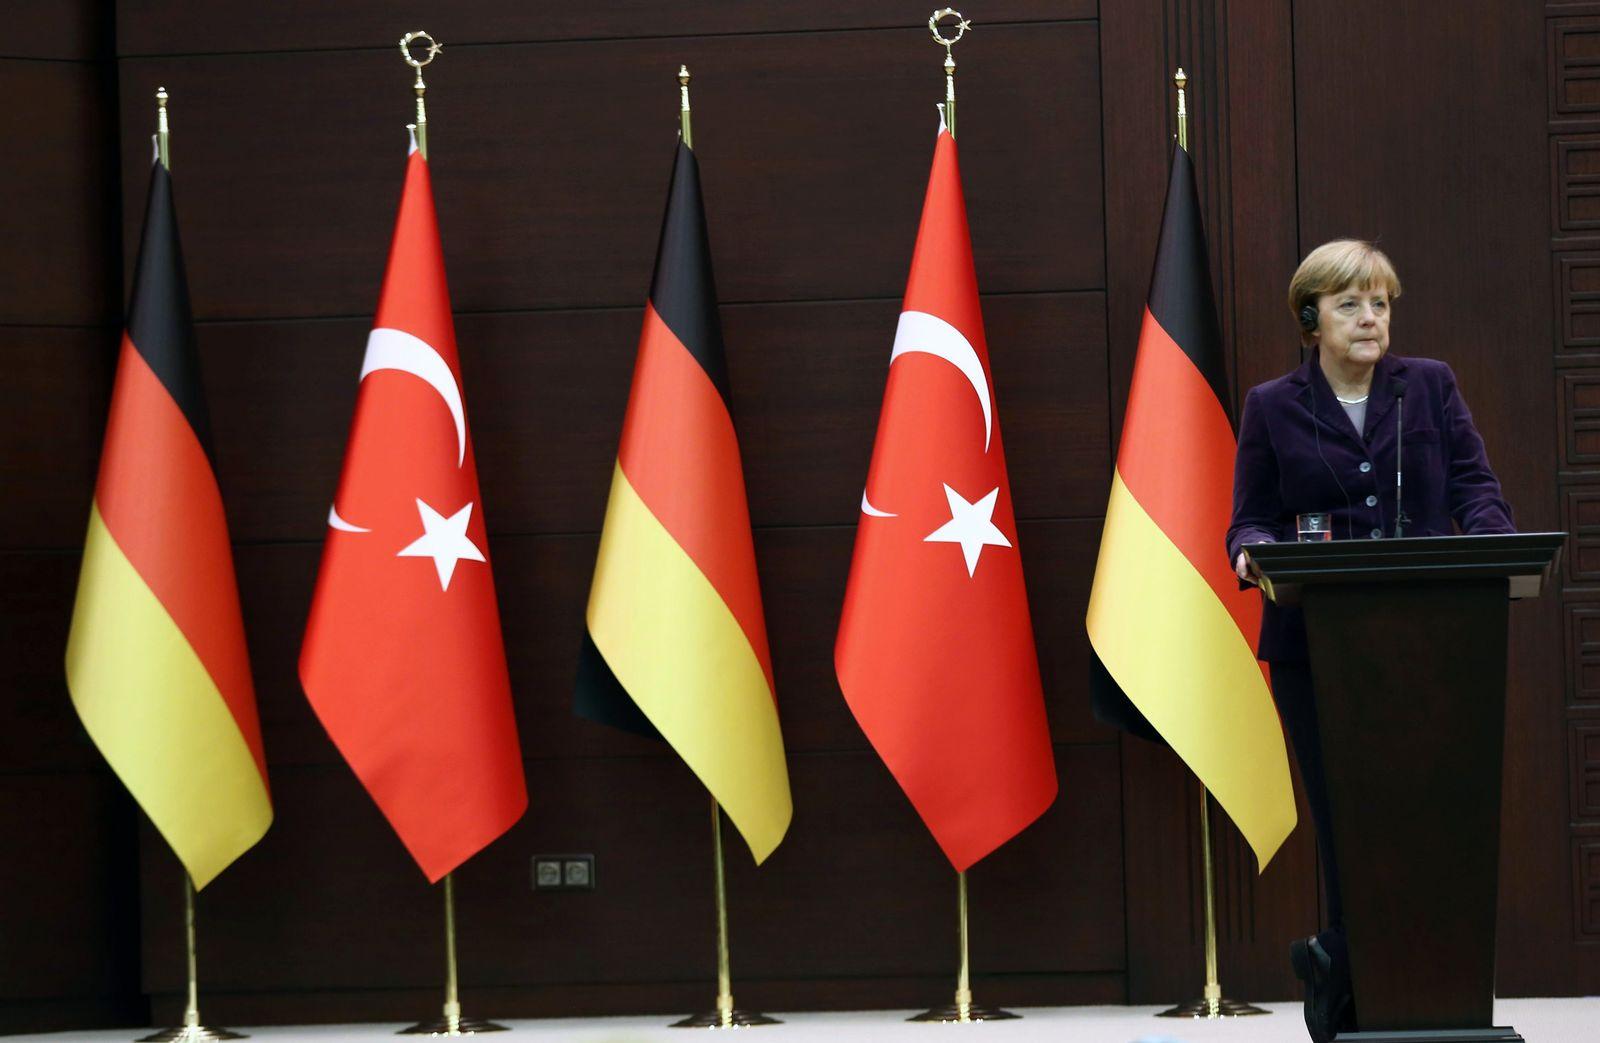 Türkei/ Flüchtlinge/ Merkel